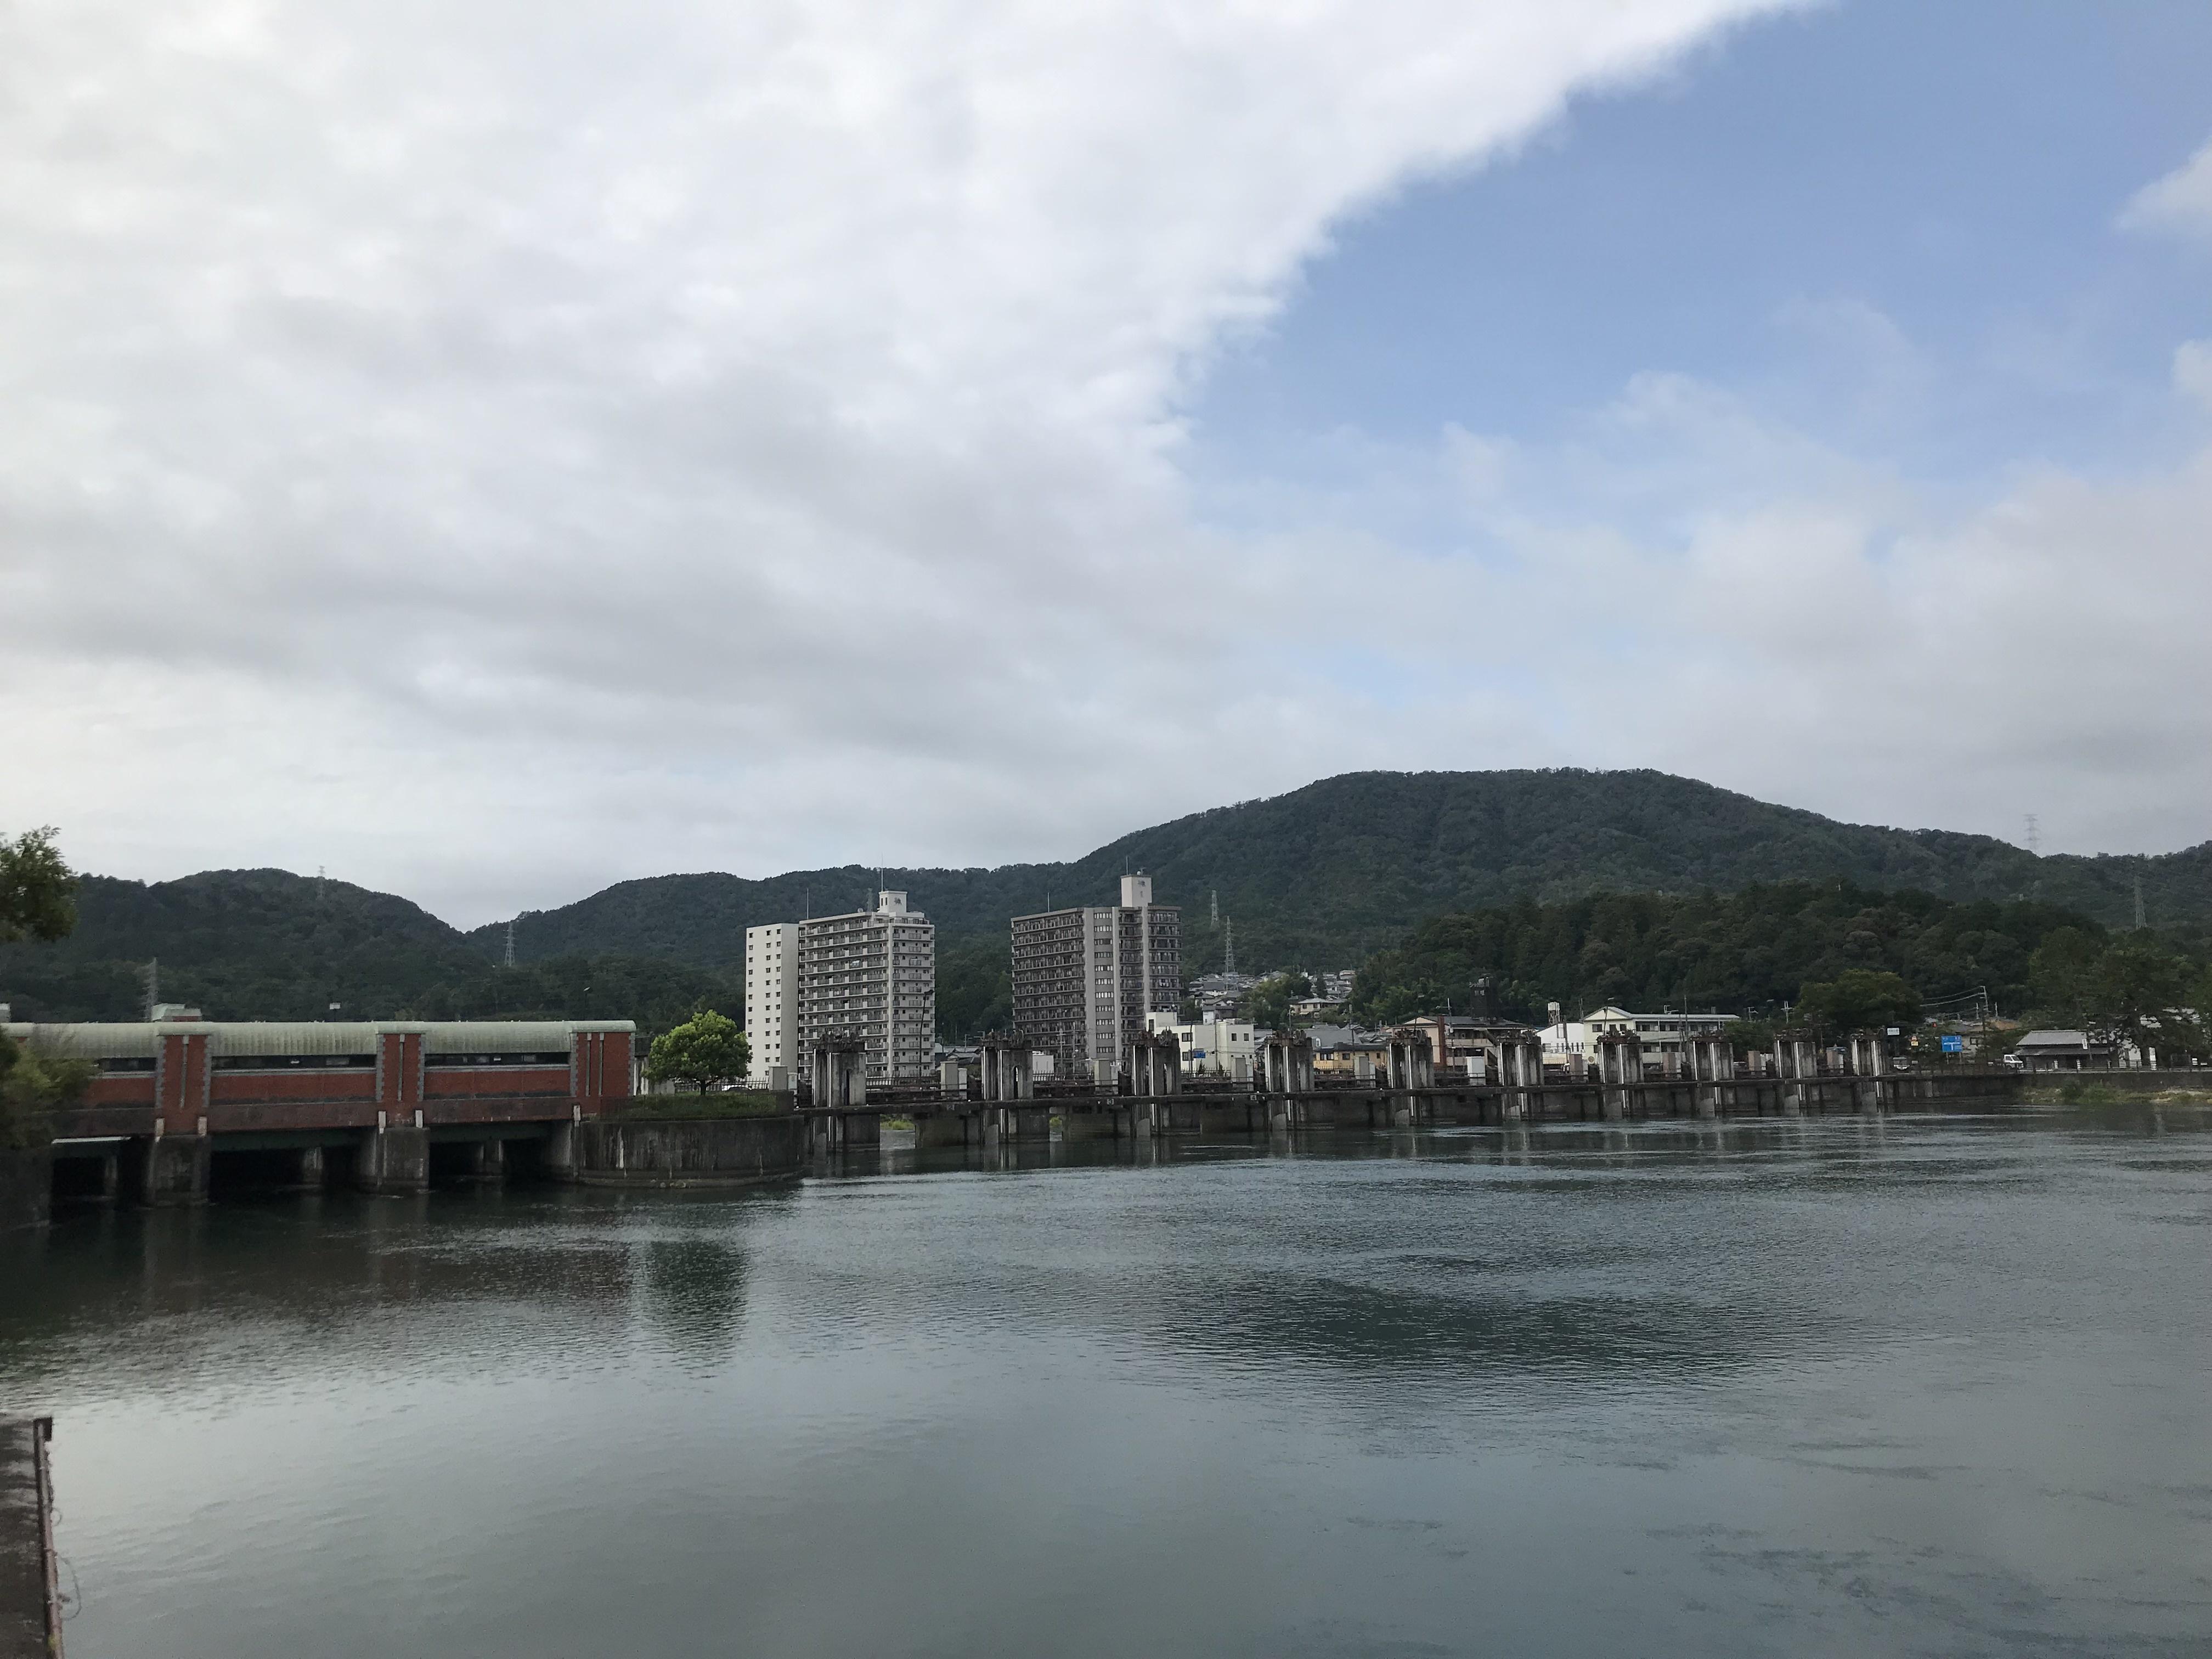 ハーレーとカワサキで行く近江八幡ツーリング 瀬田川洗堰